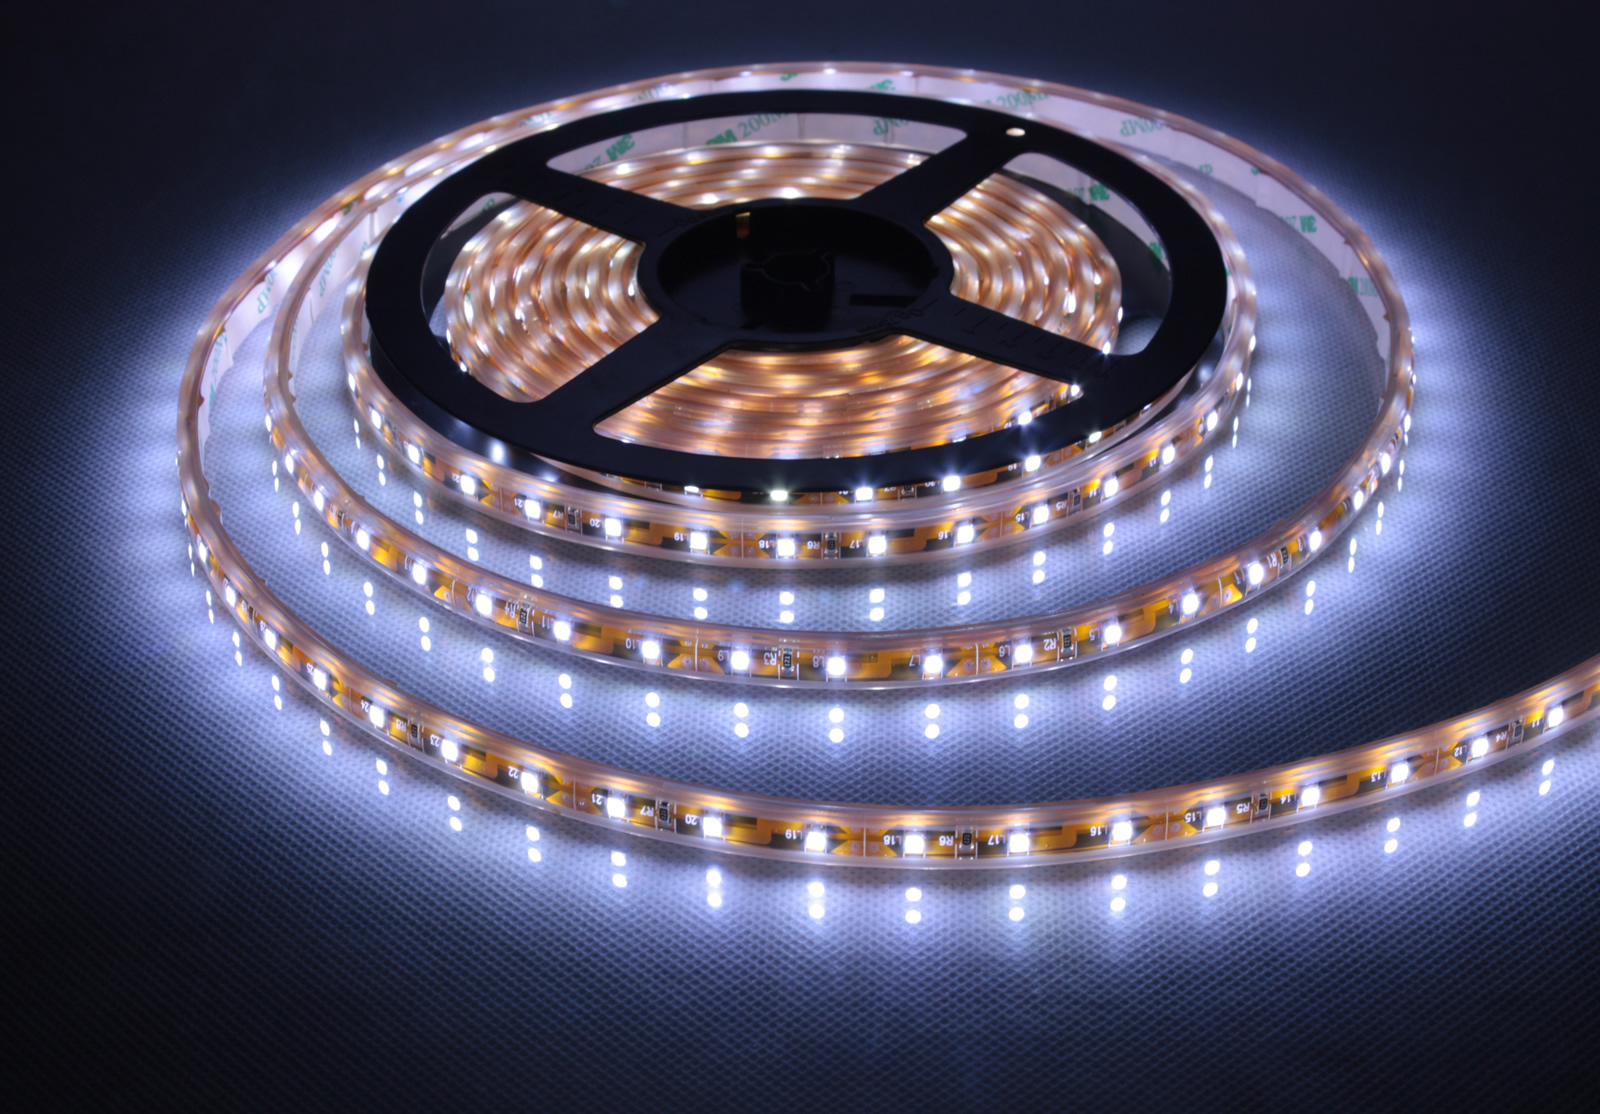 Светодиодная лента под натяжным потолком — широкие возможности